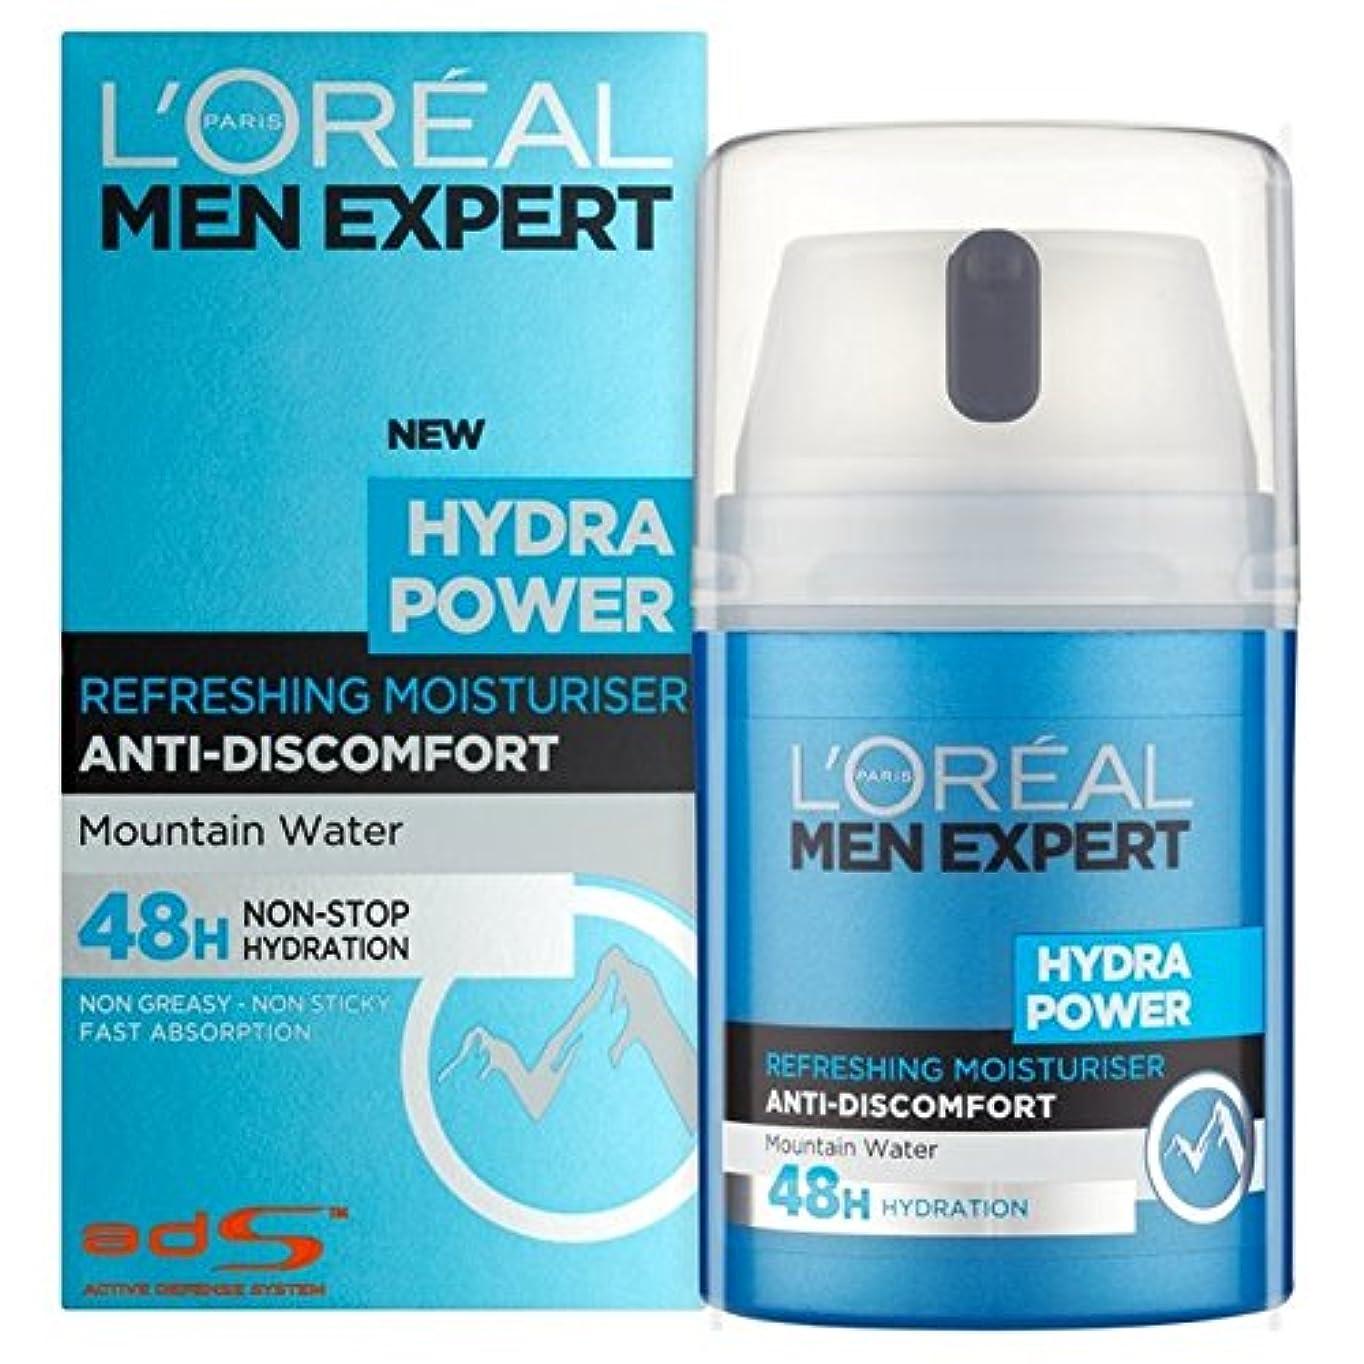 観察リース現実的ロレアルパリのメンズ専門ヒドラ電源爽やか保湿50ミリリットル x4 - L'Oreal Paris Men Expert Hydra Power Refreshing Moisturiser 50ml (Pack of...